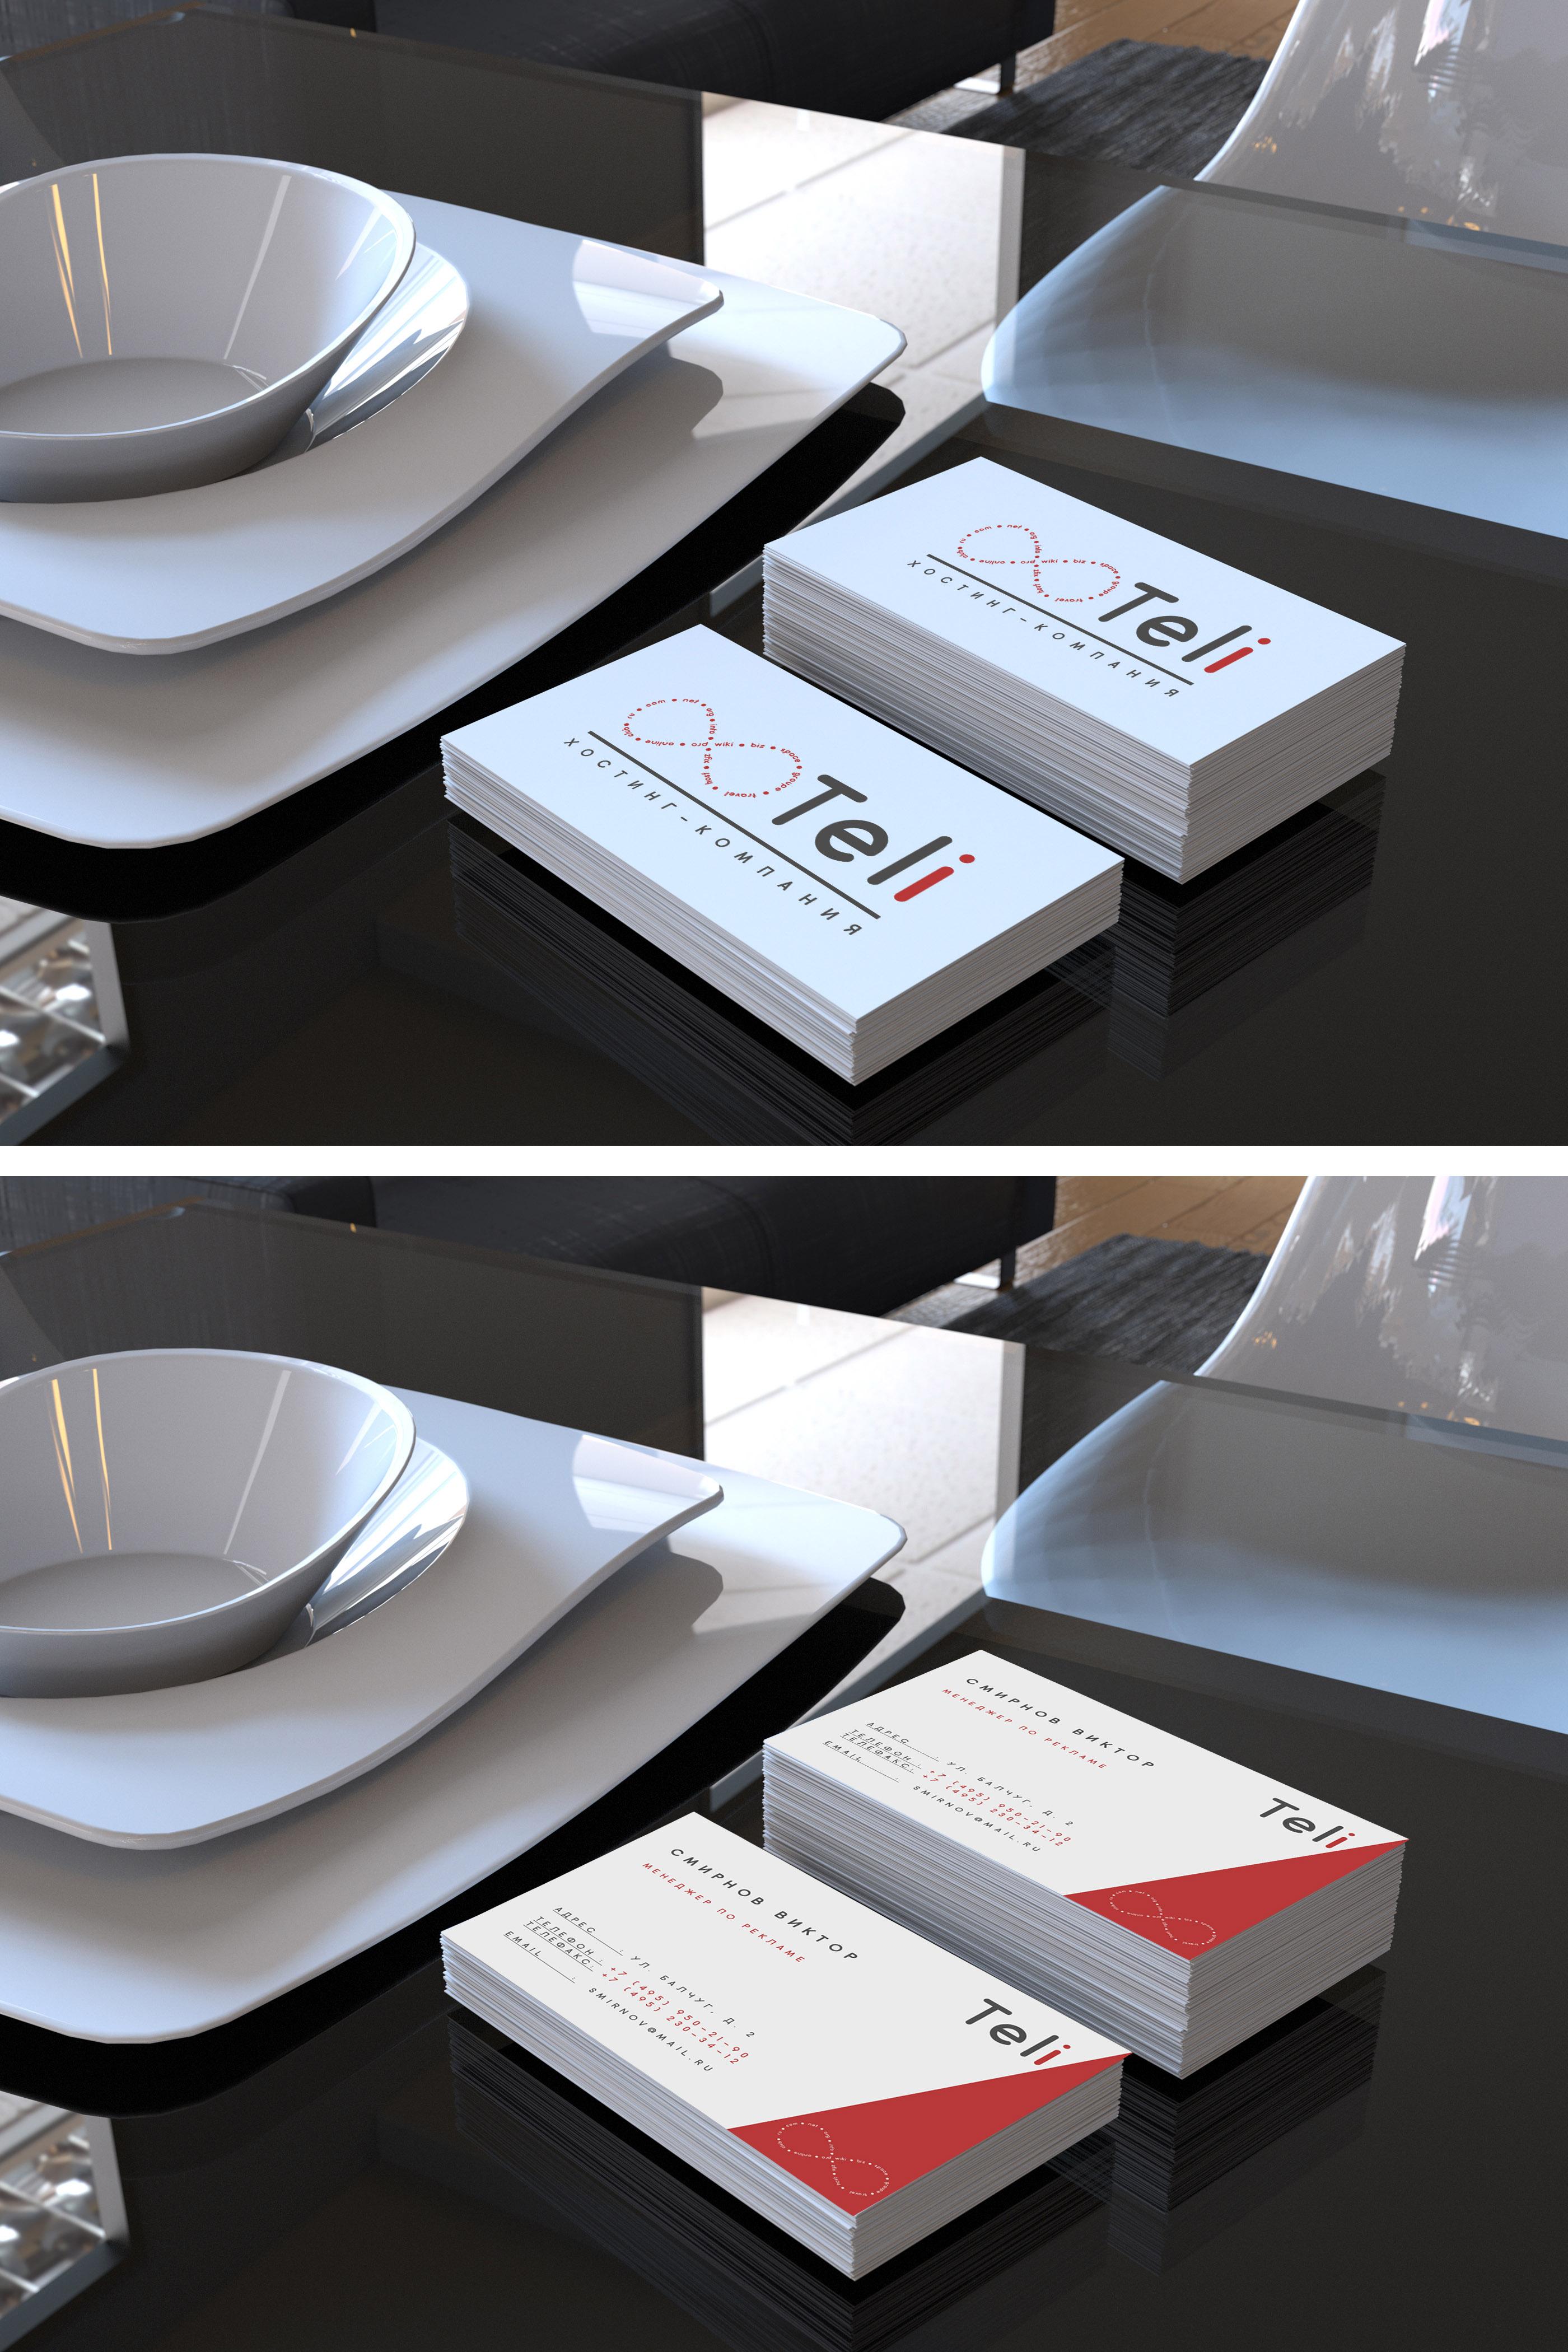 Разработка логотипа и фирменного стиля фото f_29458feb8c027ae3.jpg